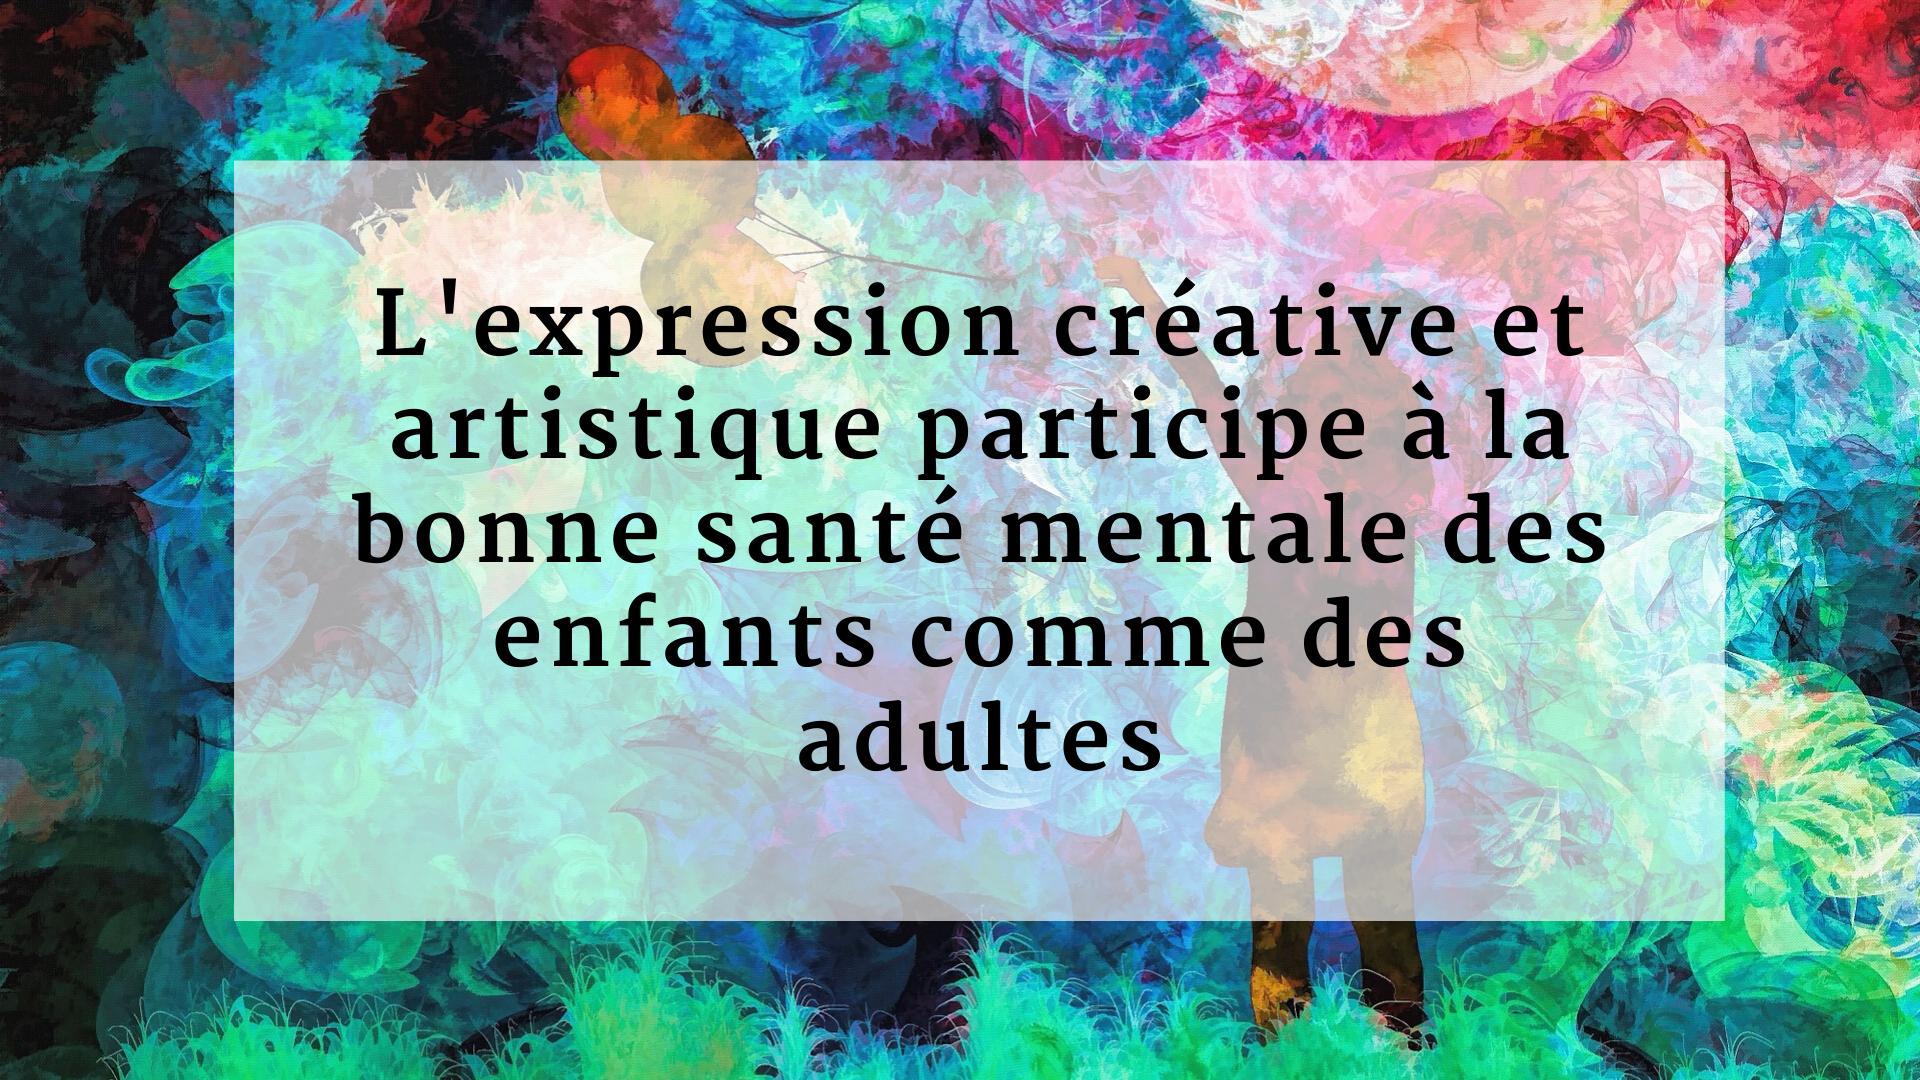 L'expression créative et artistique bonne santé mentale